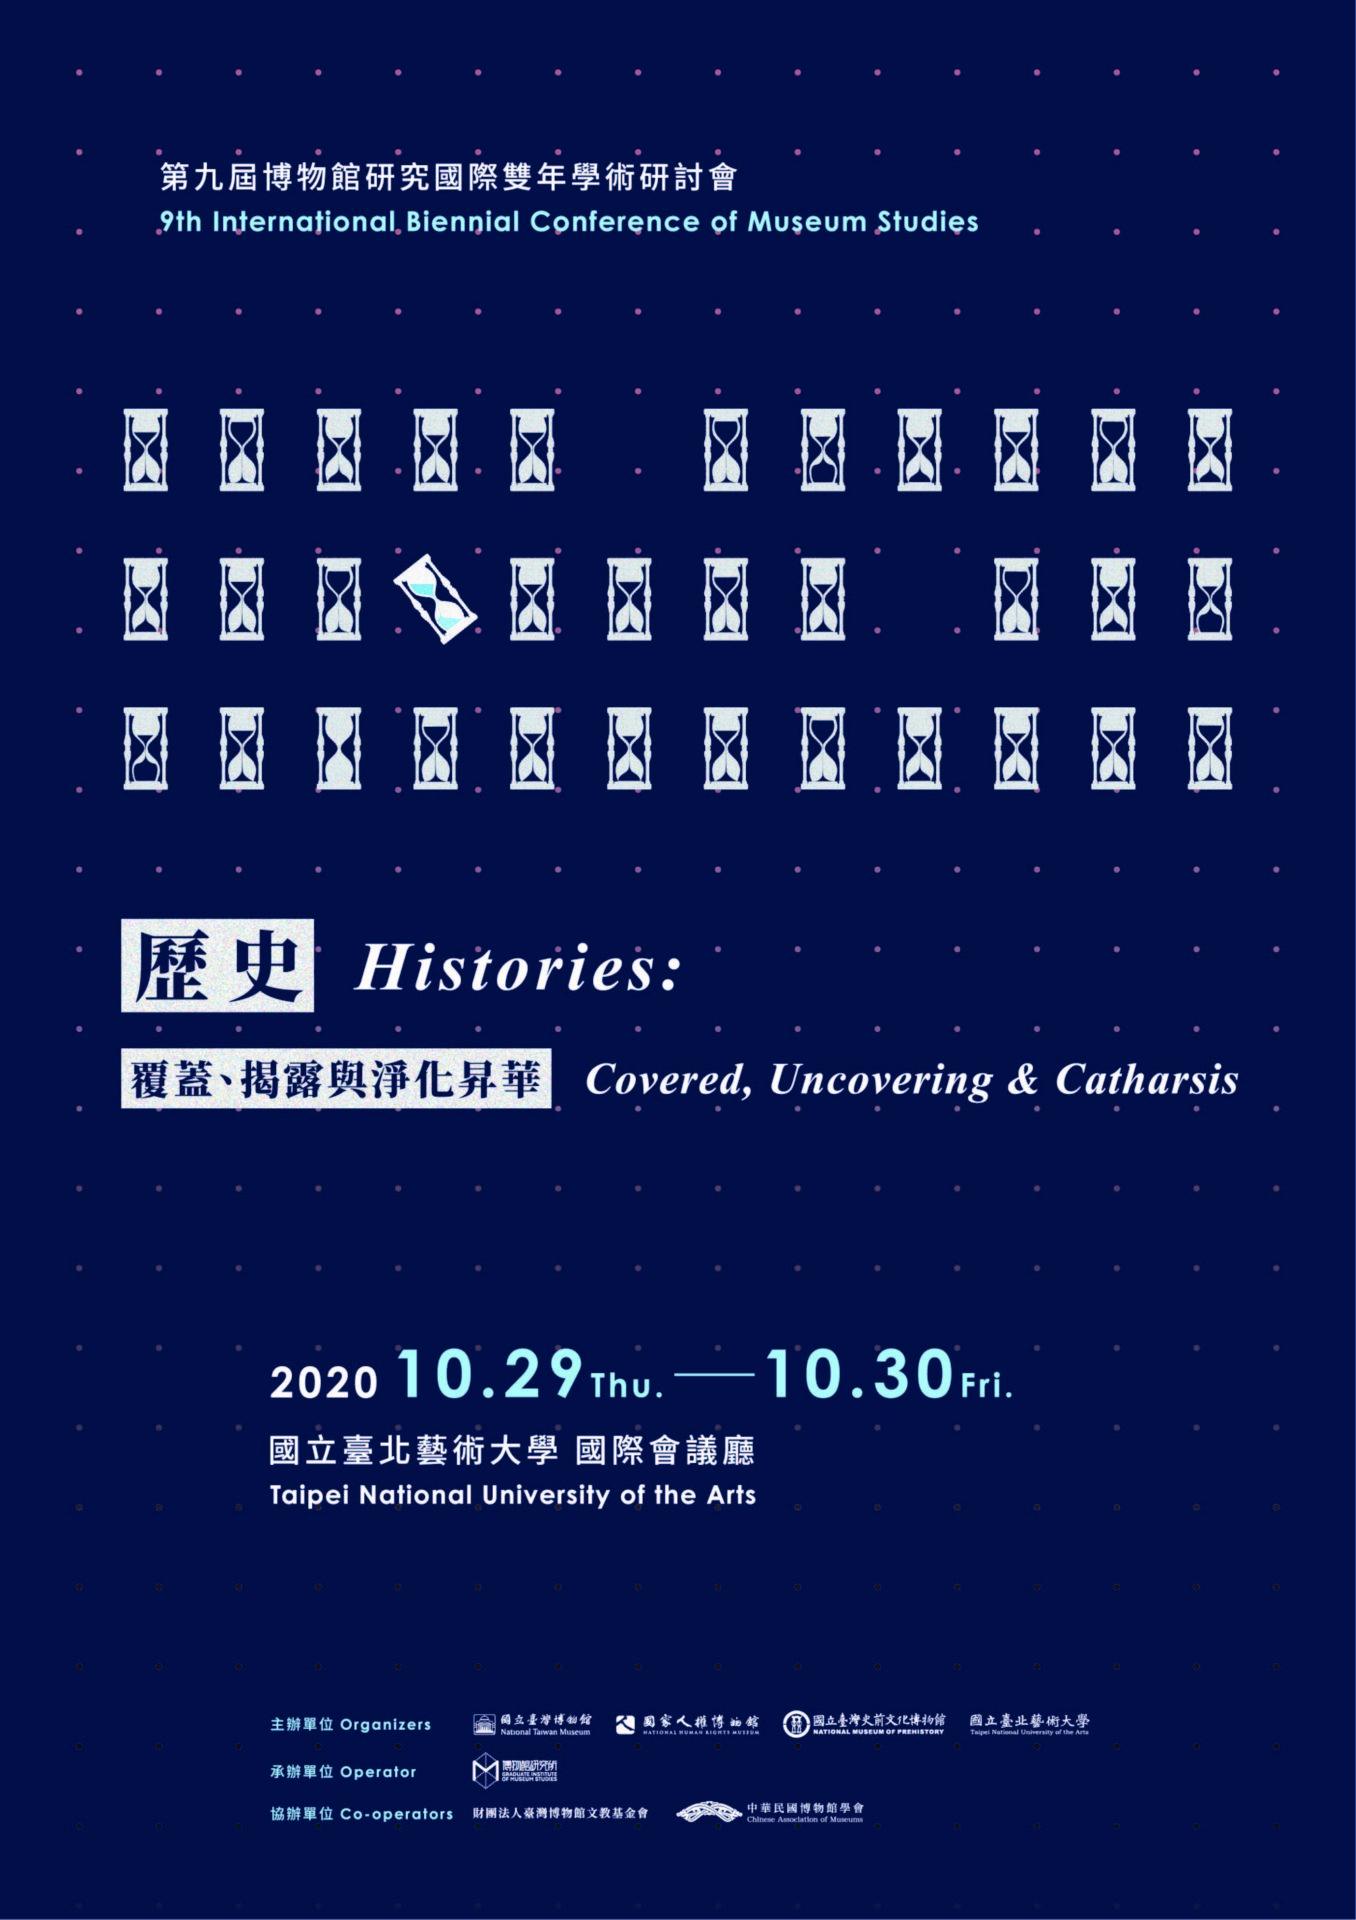 延長至2020/04/30【第九屆博物館研究國際雙年學術研討會】摘要徵稿說明